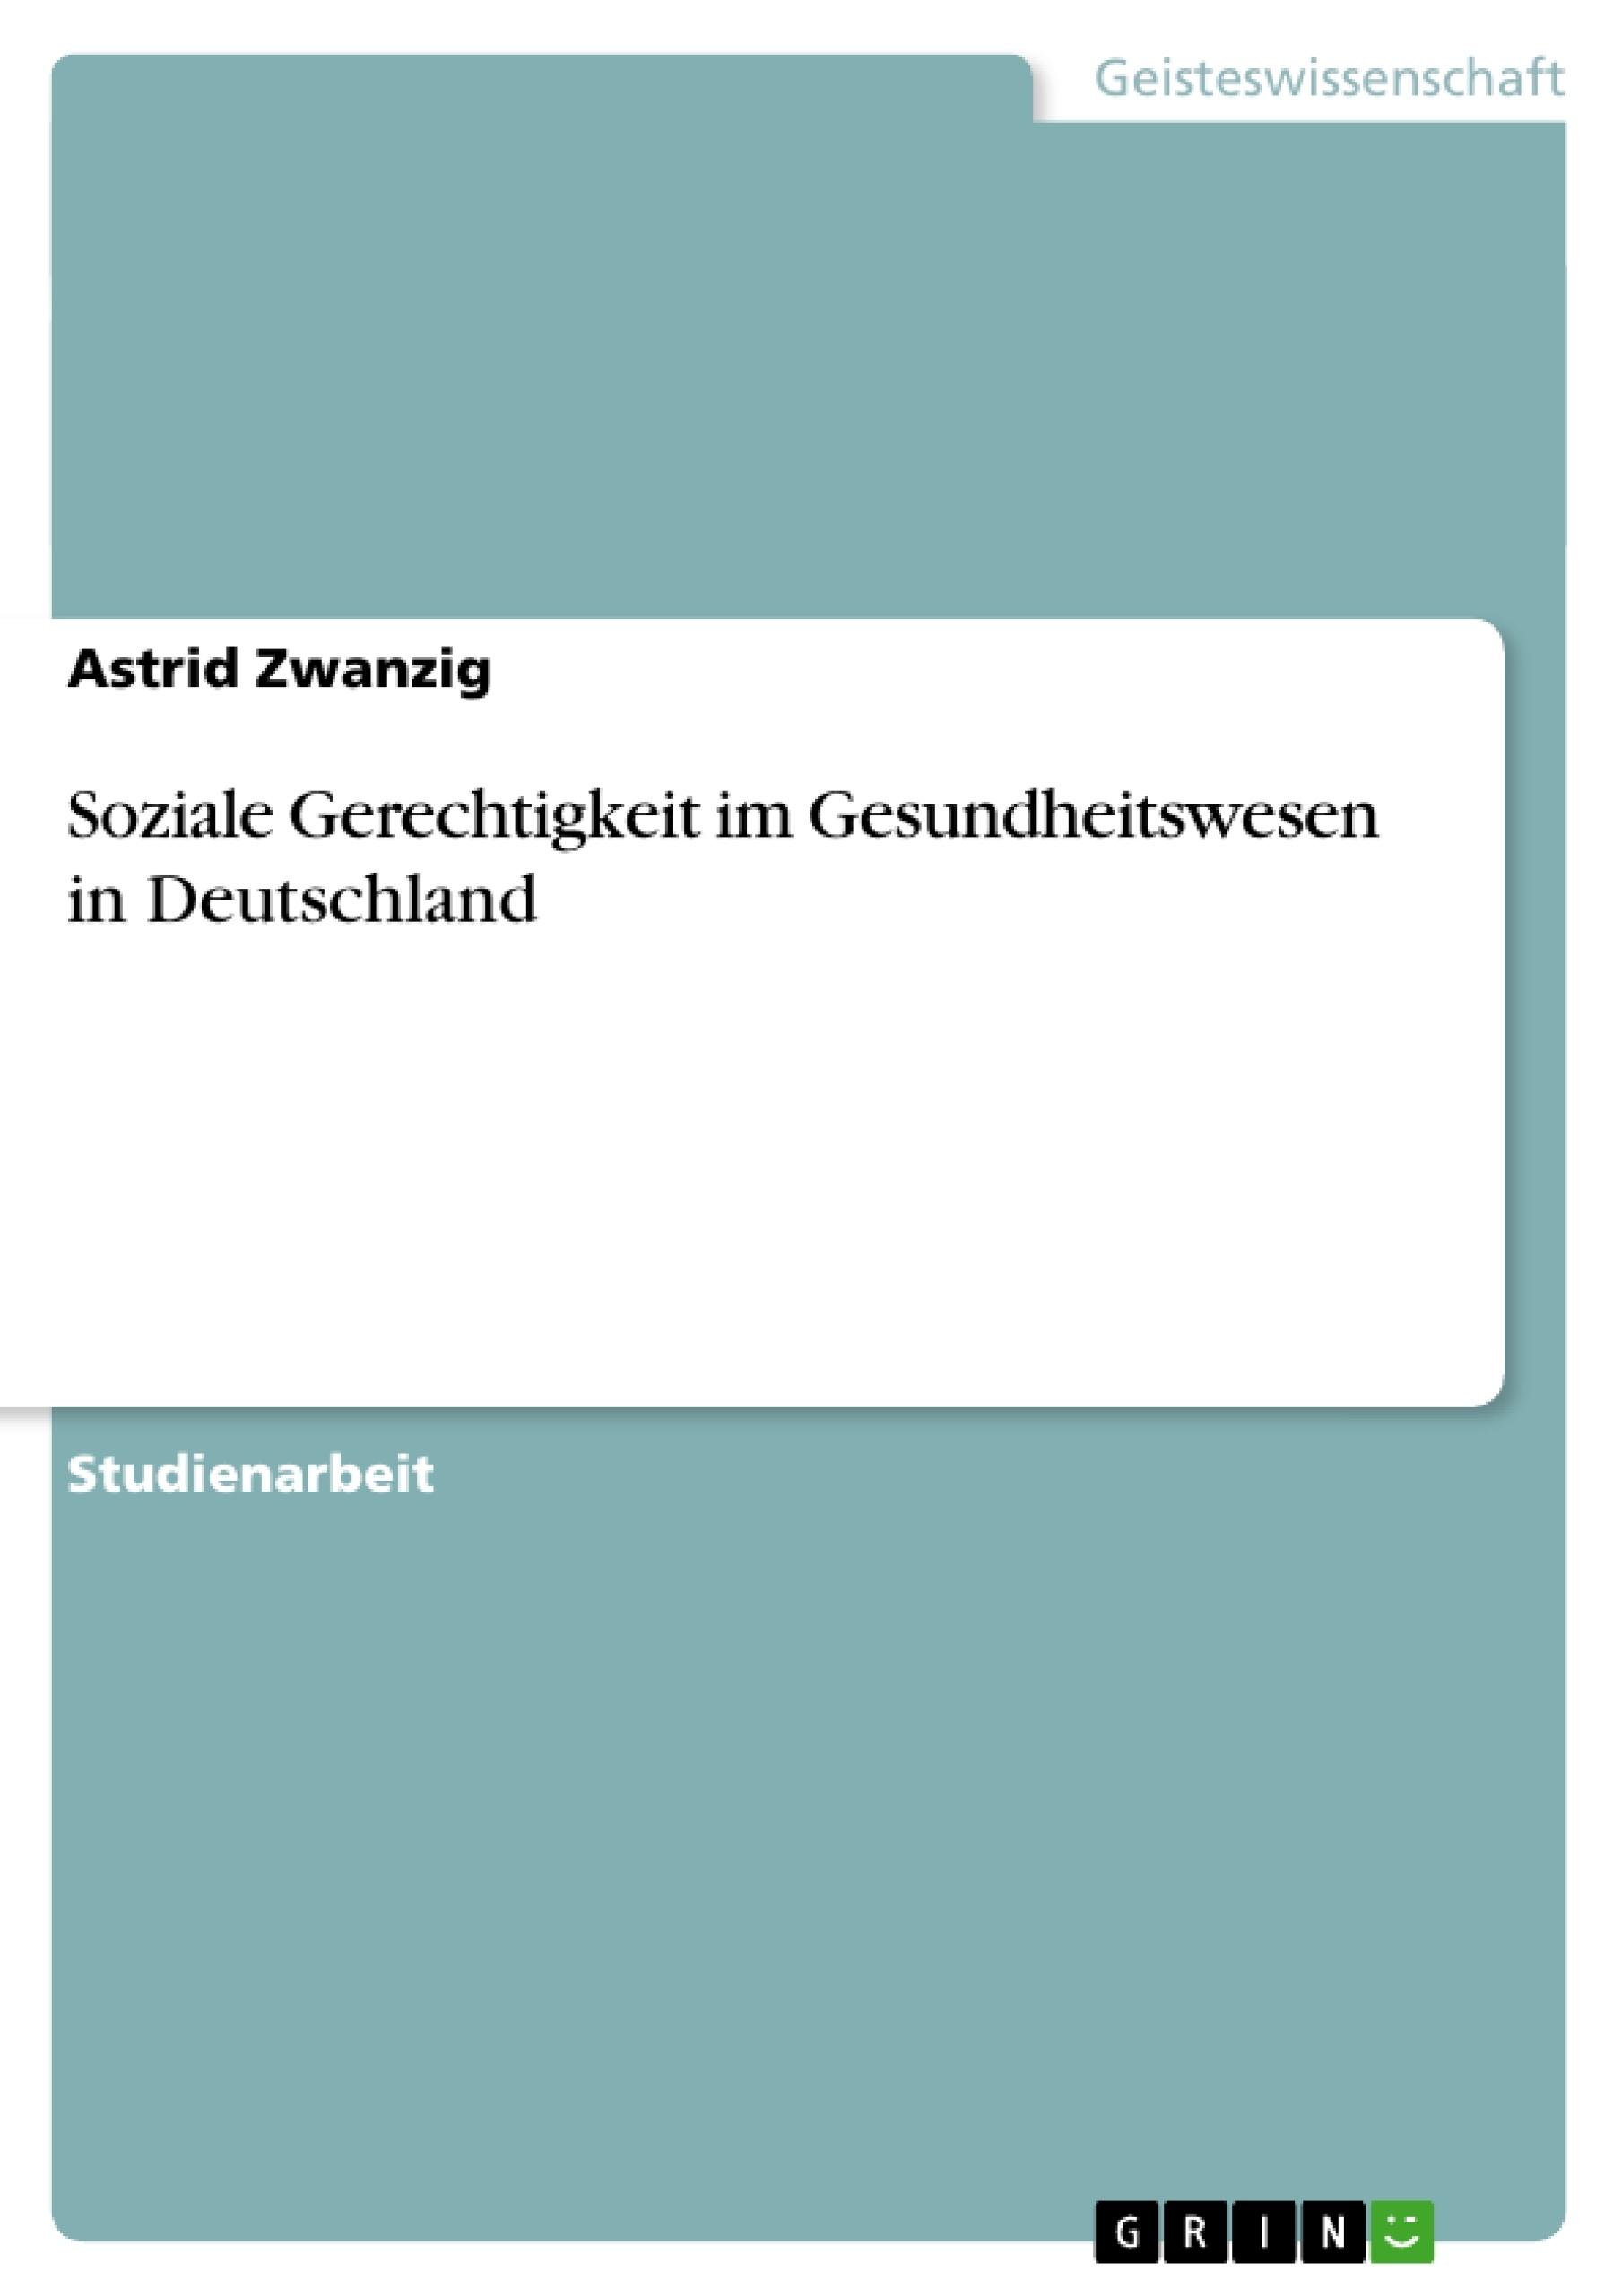 Titel: Soziale Gerechtigkeit im Gesundheitswesen in Deutschland